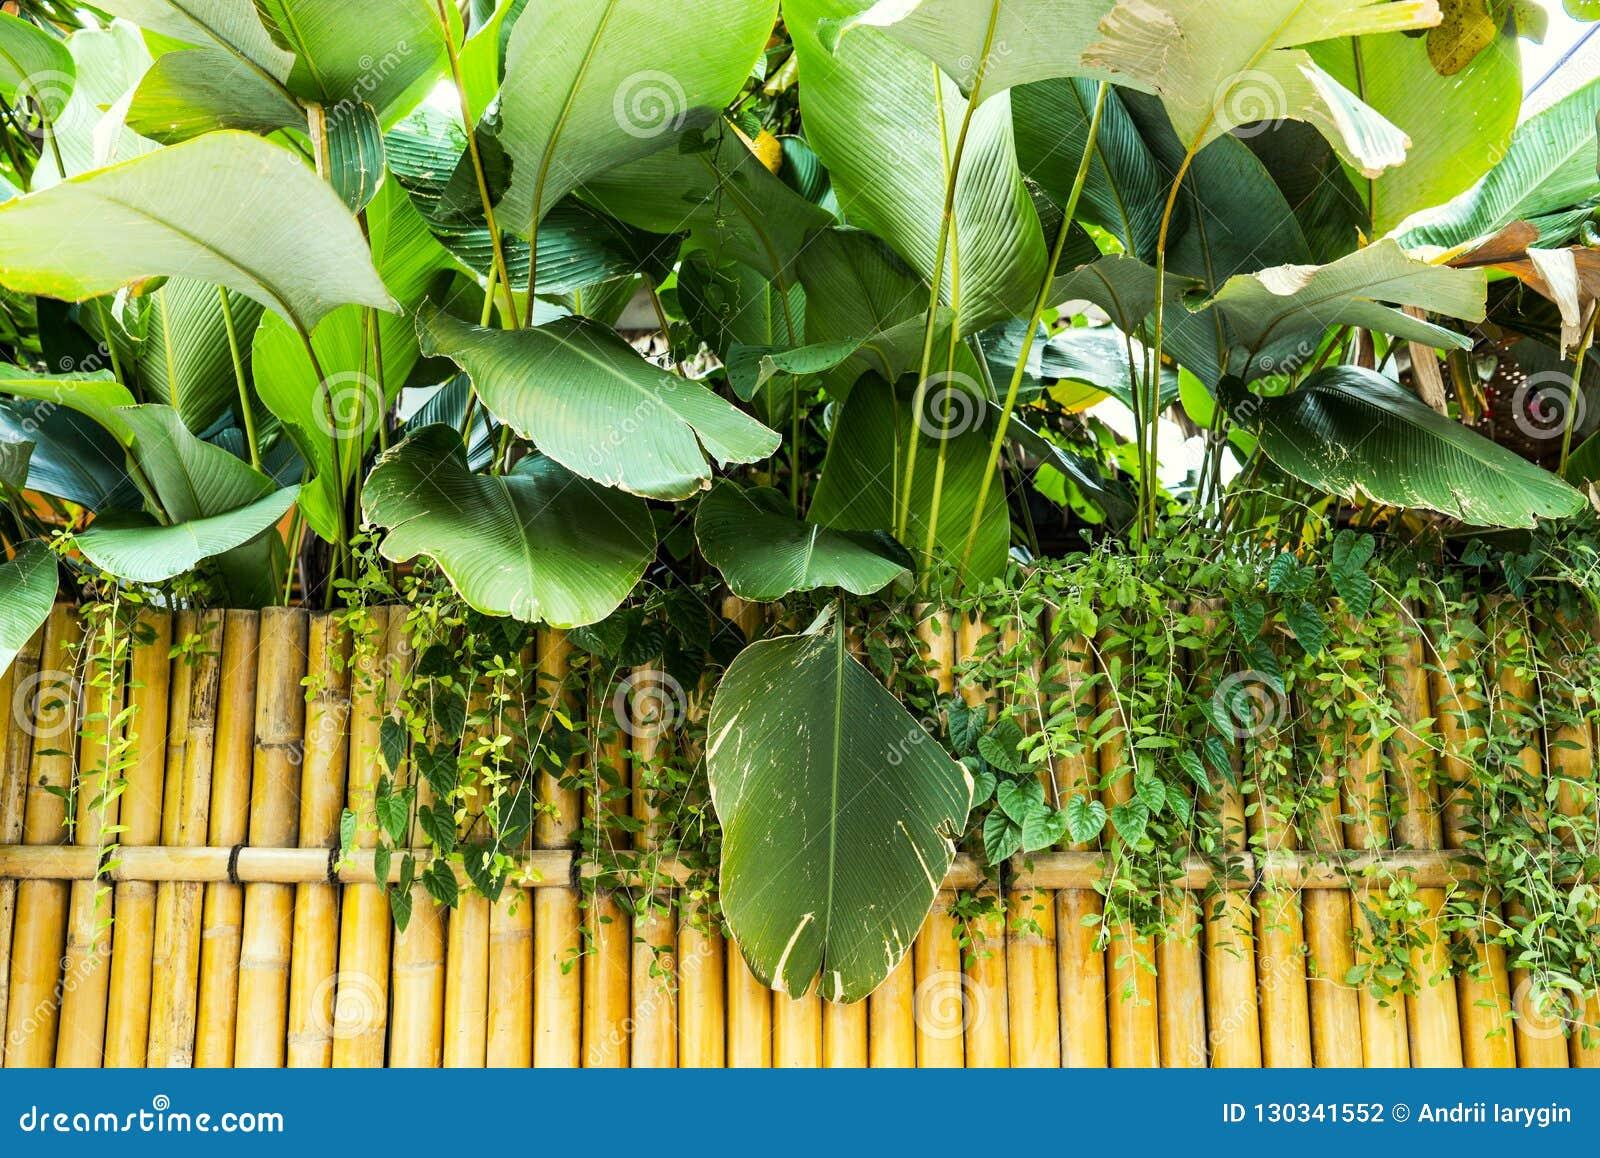 Wall Bamboo Japanese Garden Stock Photo Image Of Garden